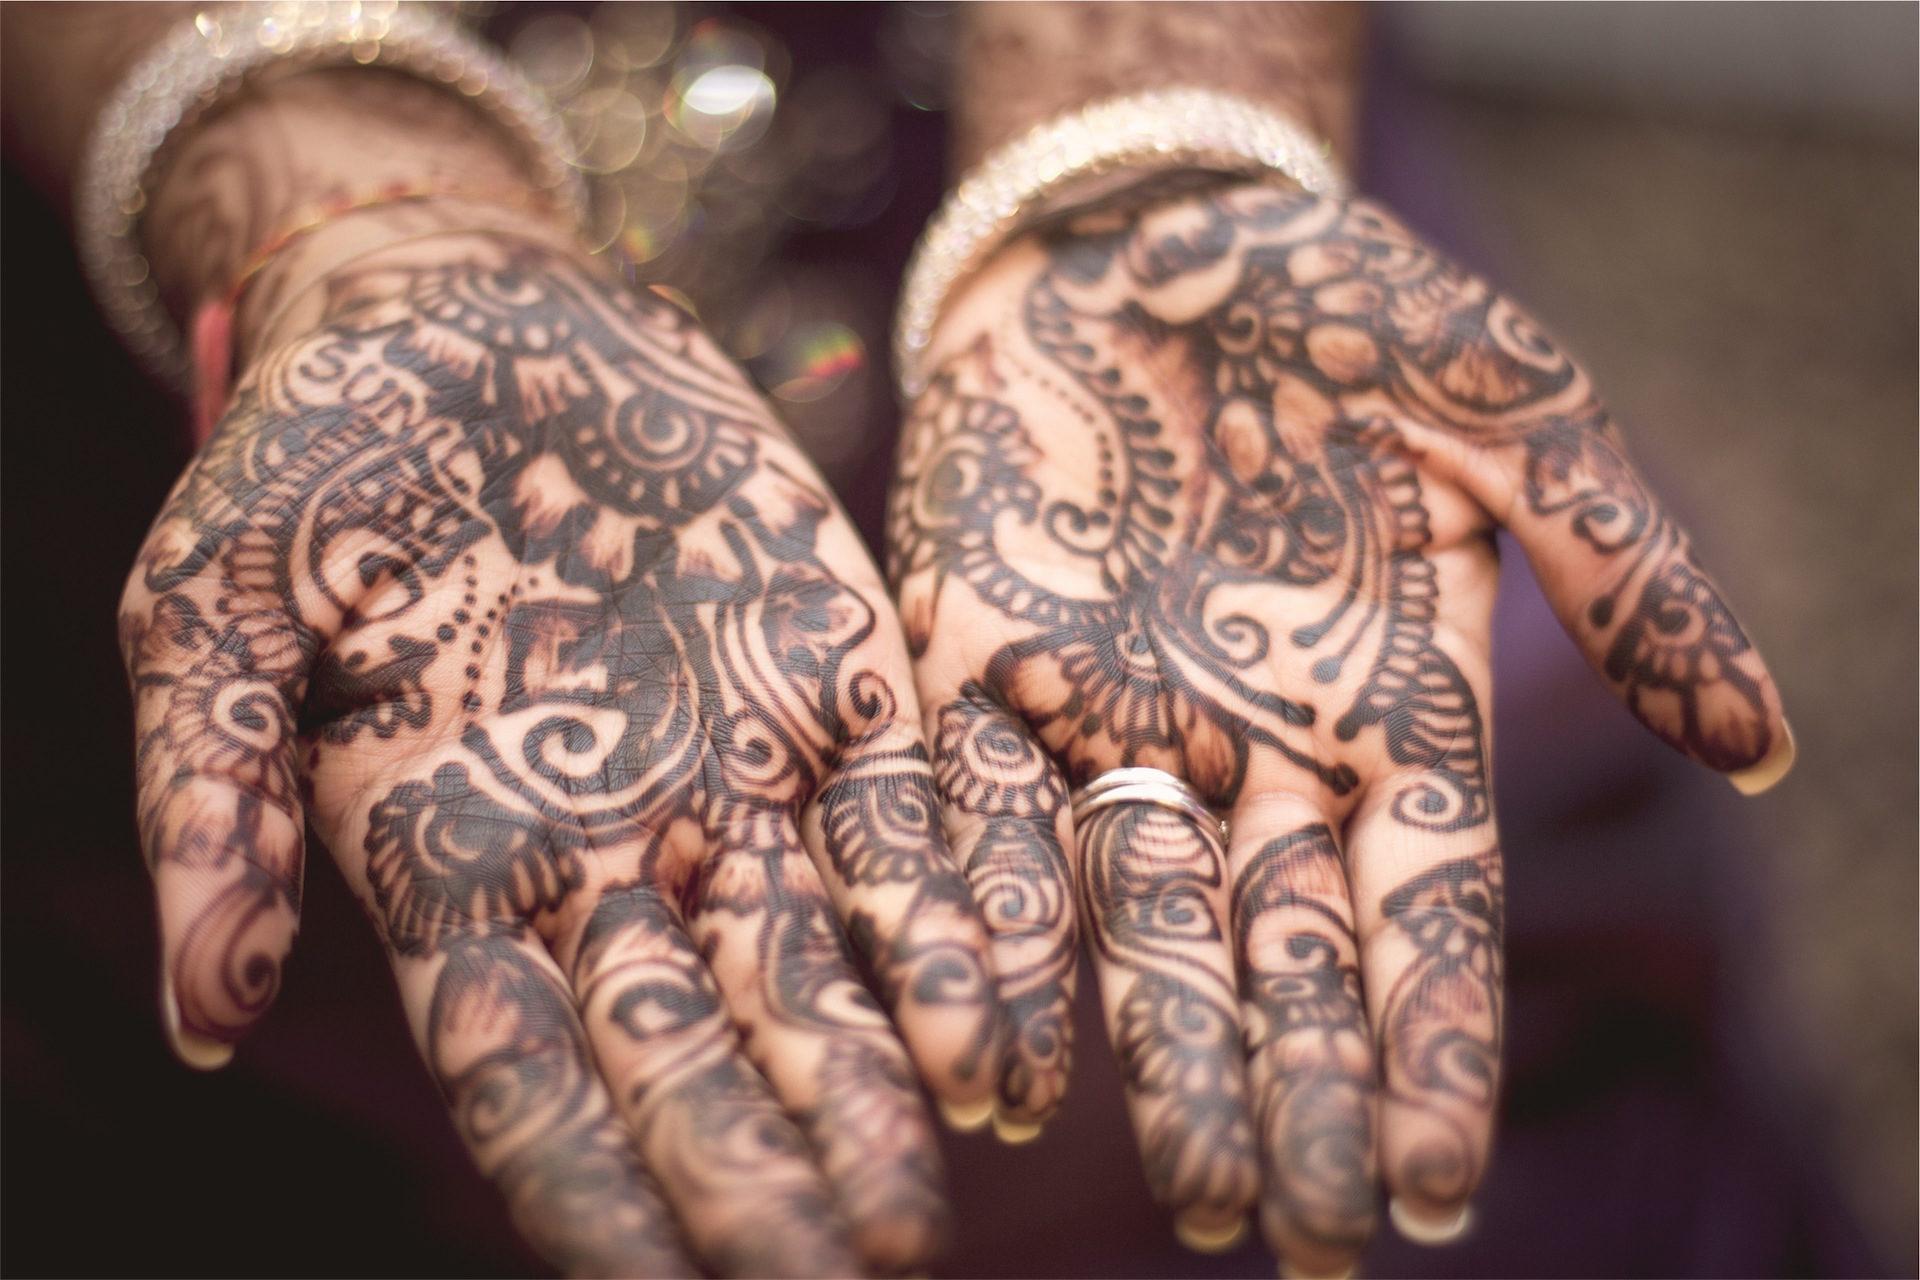 τα χέρια, τατουάζ, βραχιόλια, τα καρφιά, τελετές - Wallpapers HD - Professor-falken.com